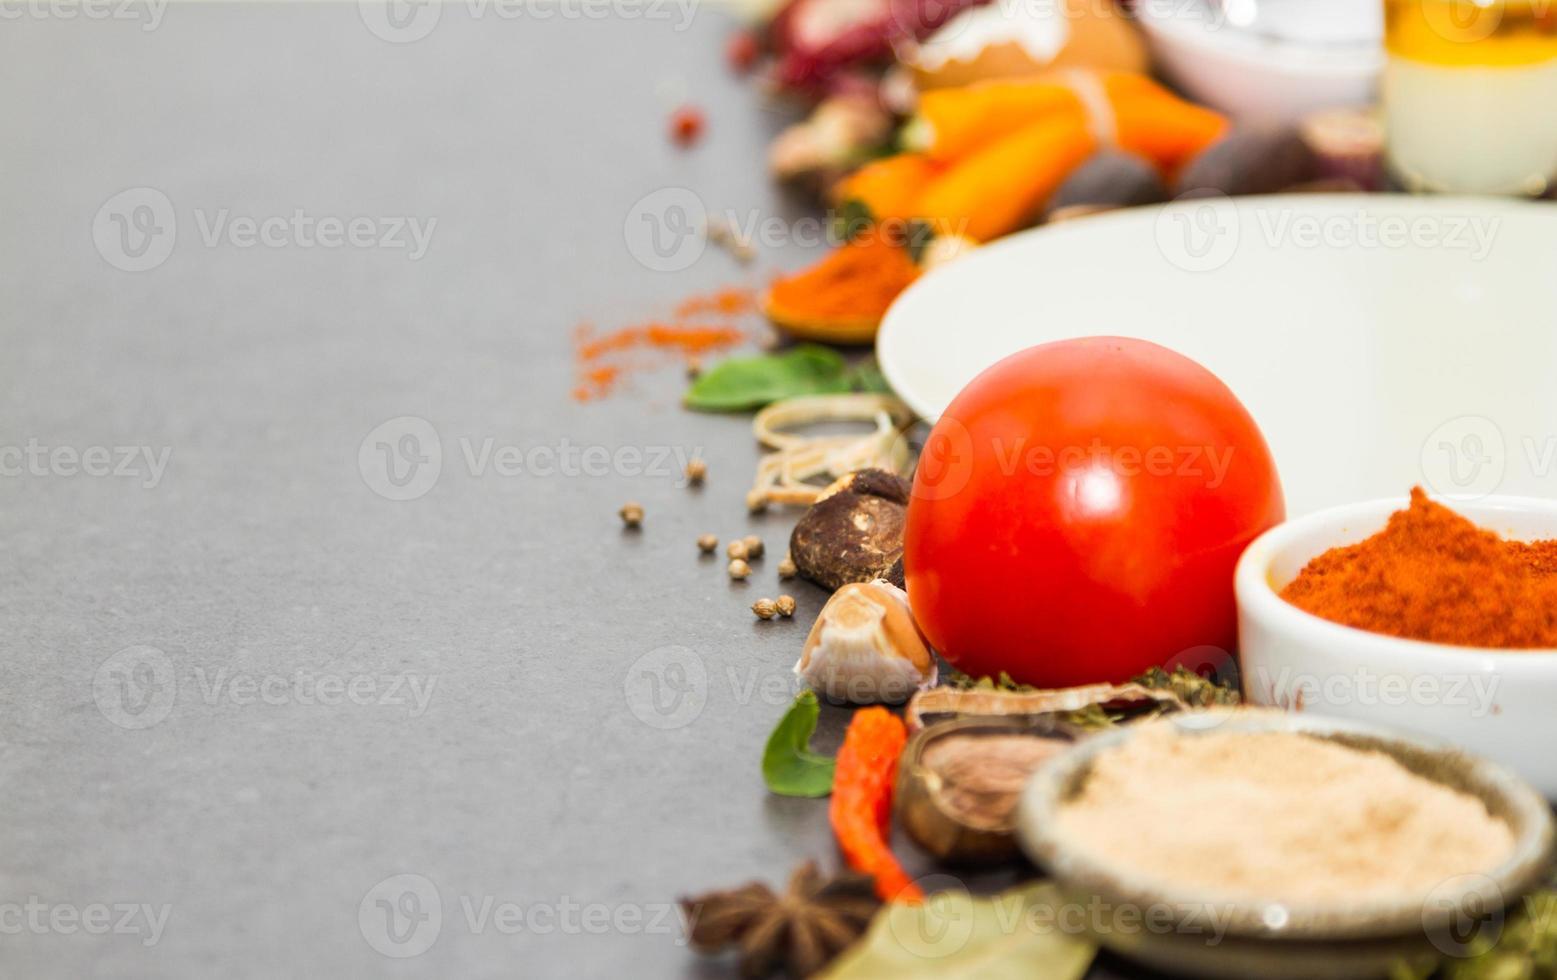 Hintergrund für die Auswahl von Gewürzen und Kräutern. foto